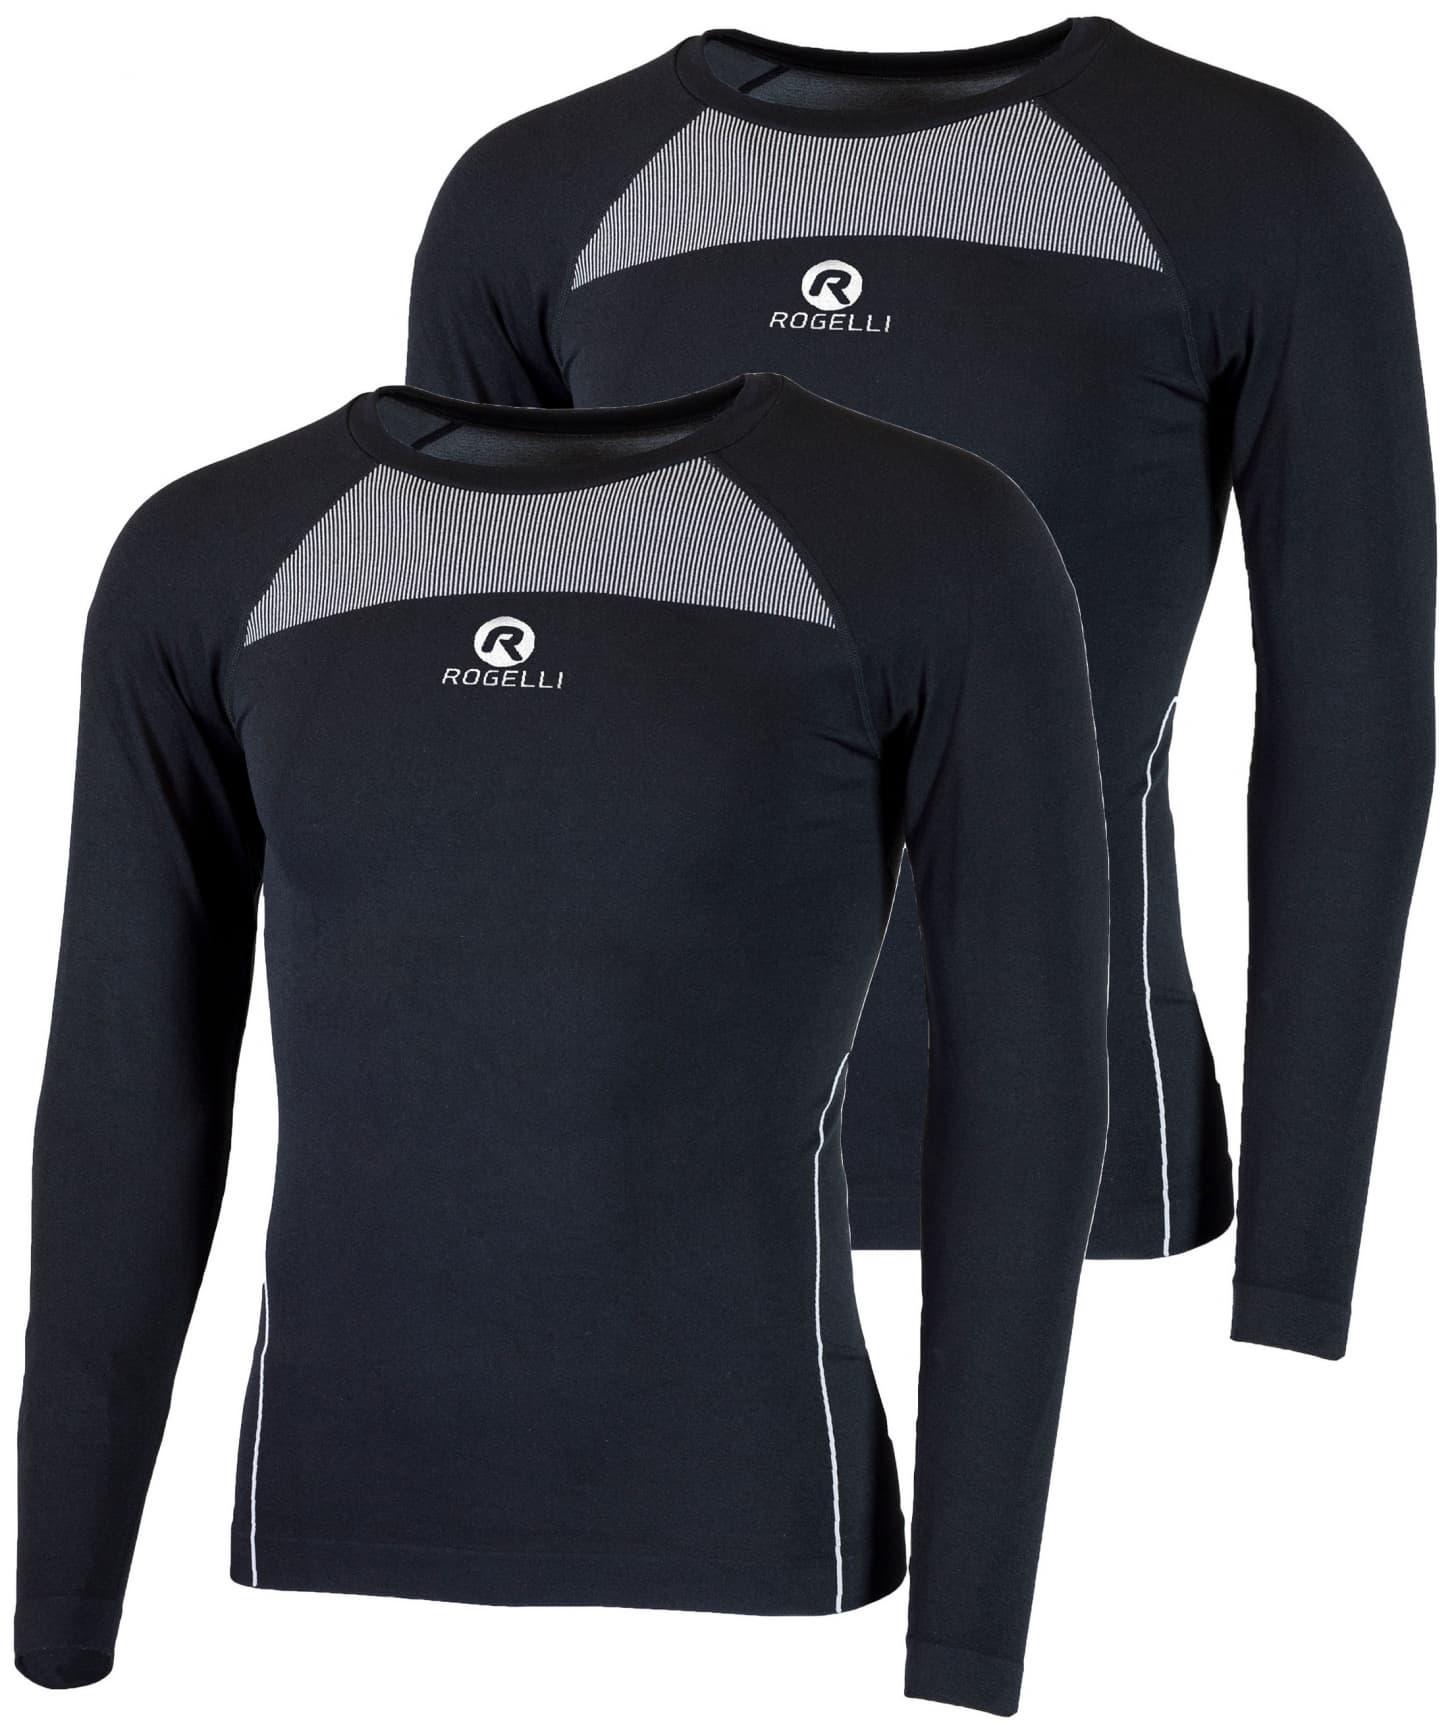 2e0fe5650 Funkčné termo tričká Rogelli CORE s dlhým rukávom - 2 kusy v balení, čierne